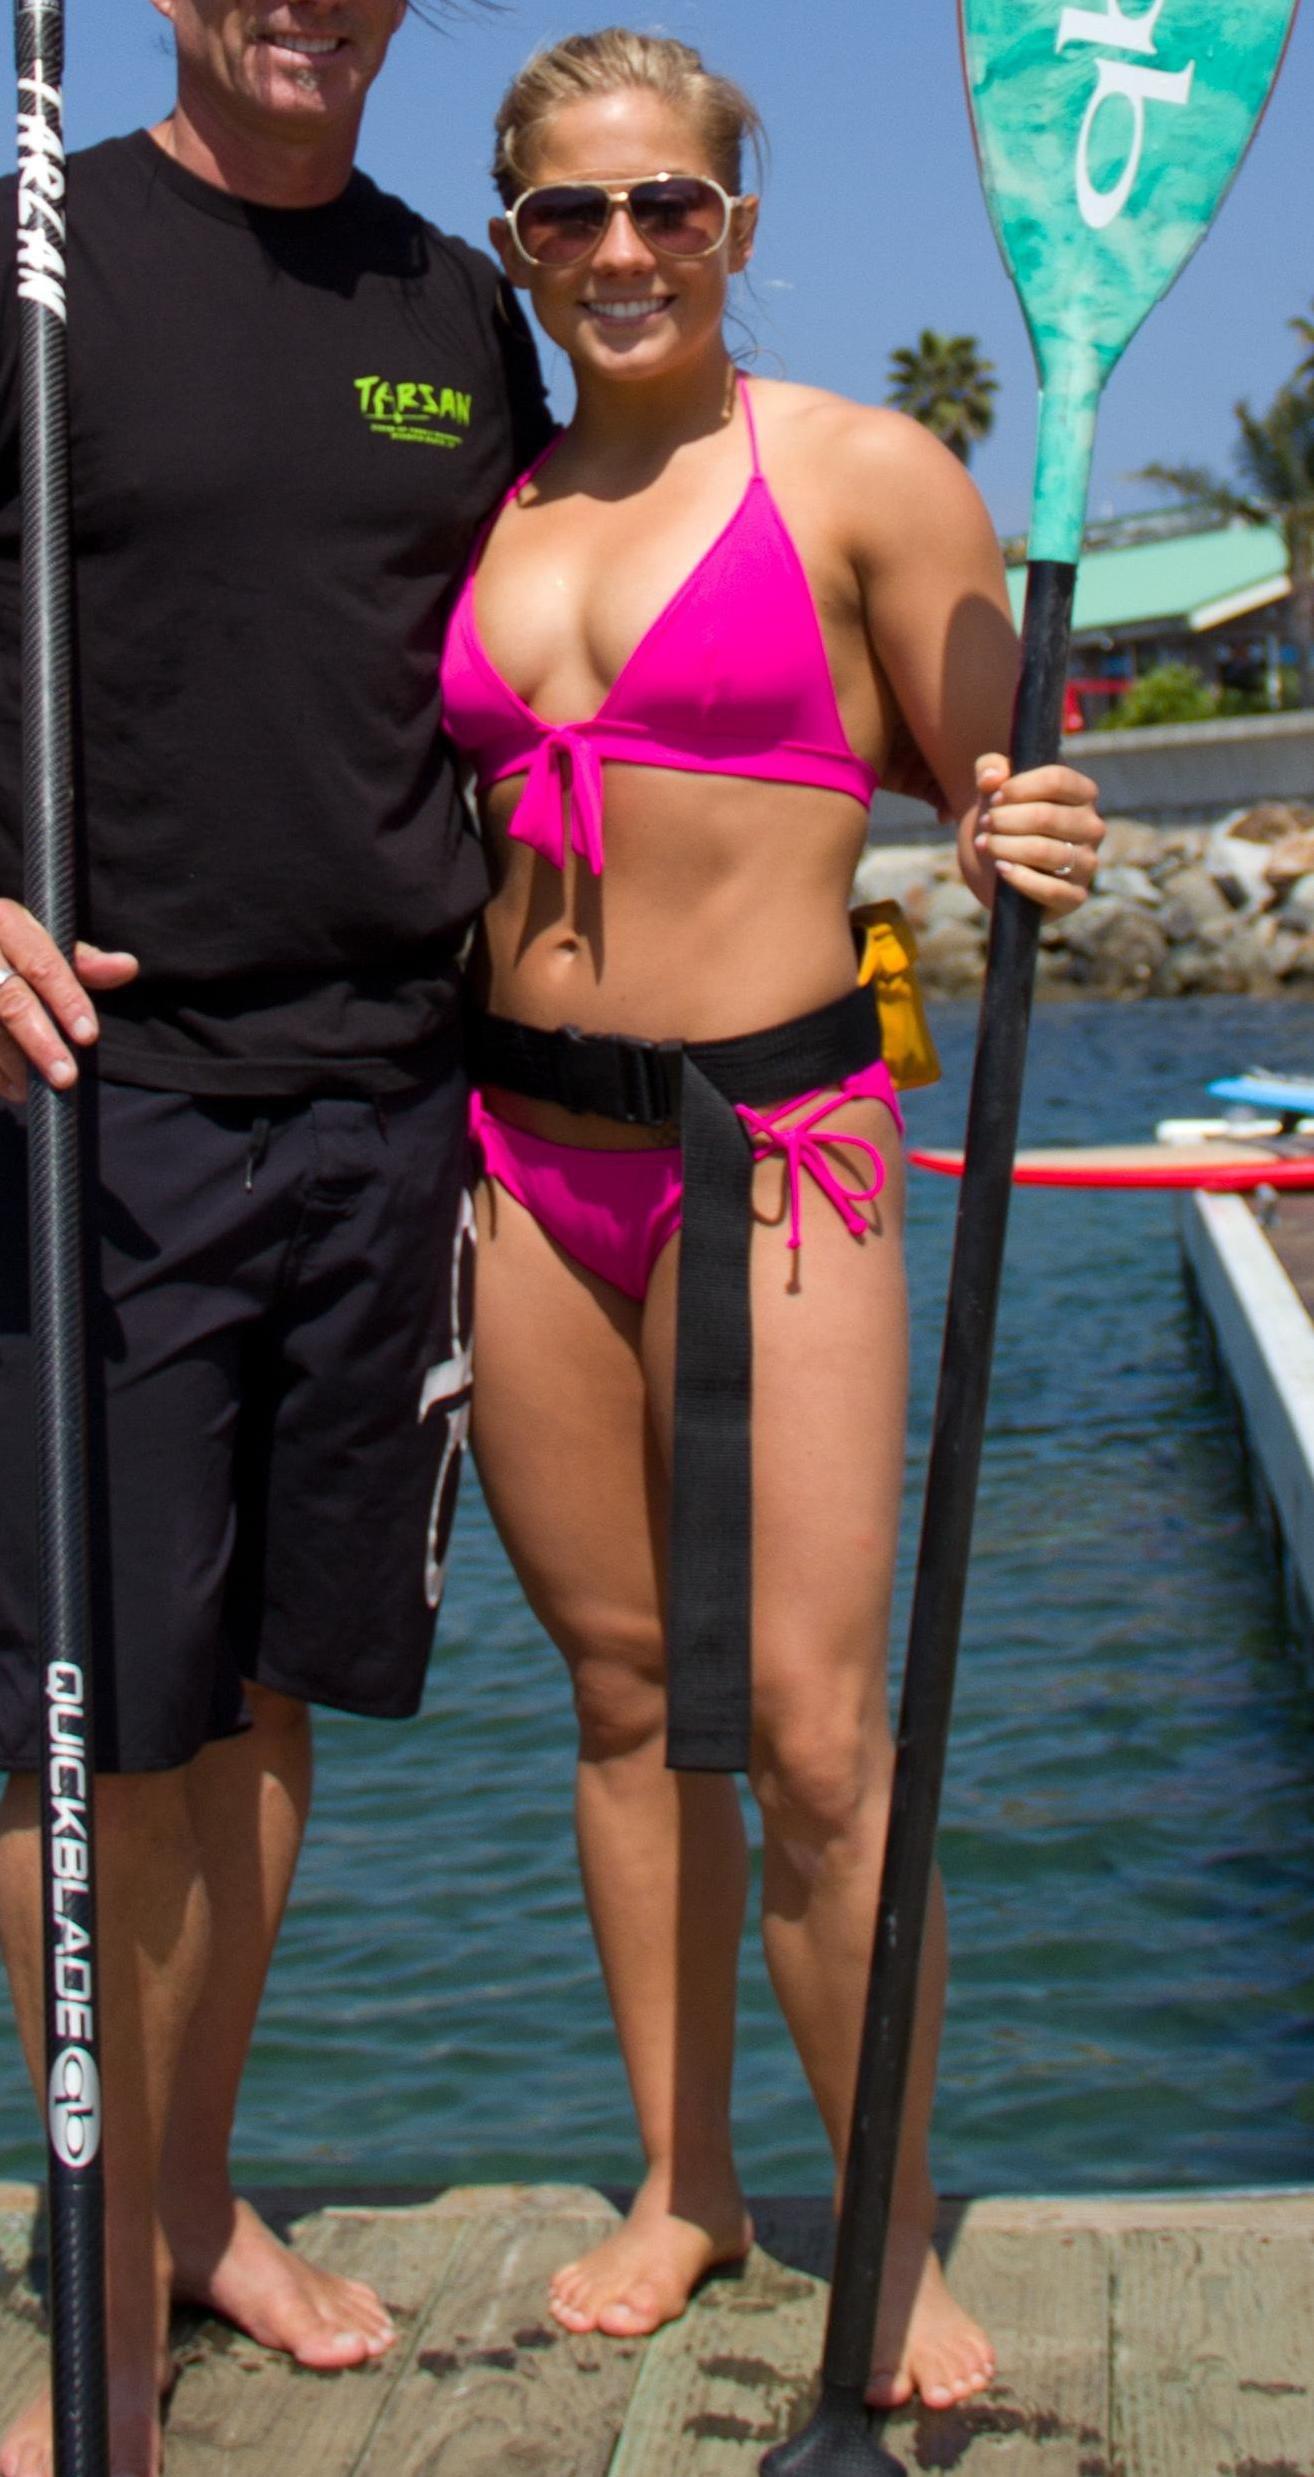 shawn johnson bikini